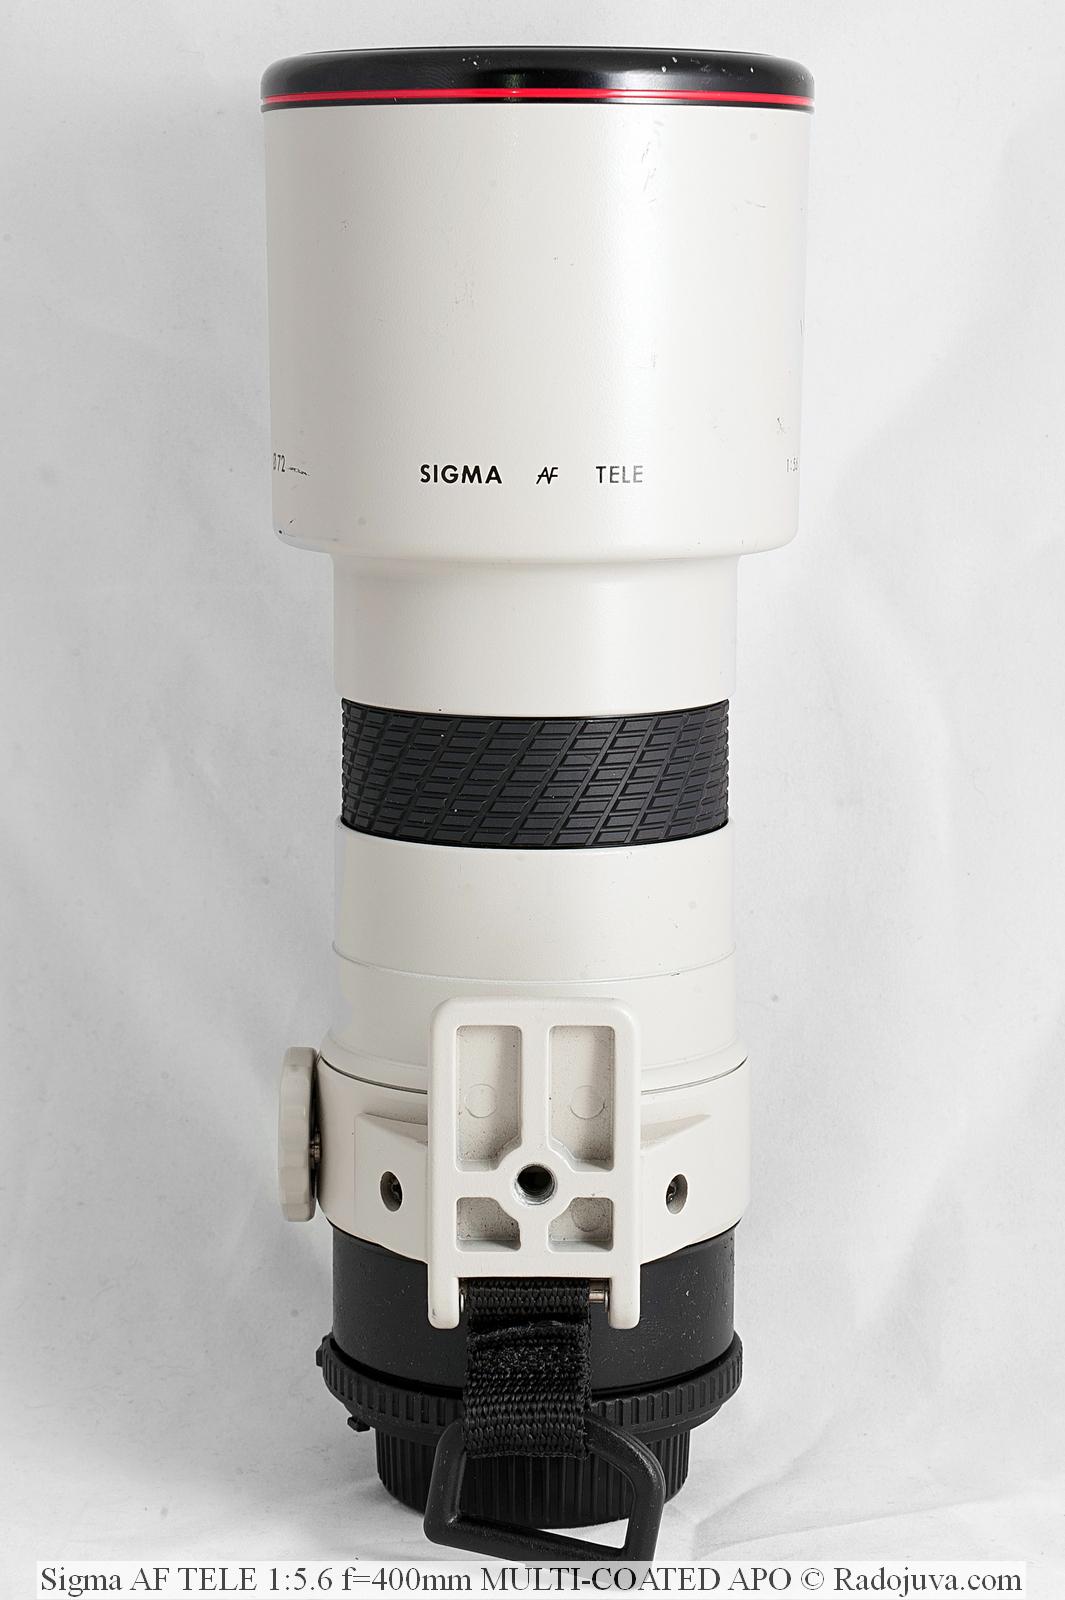 SIGMA AF 400 mm f/5.6 APO TELE